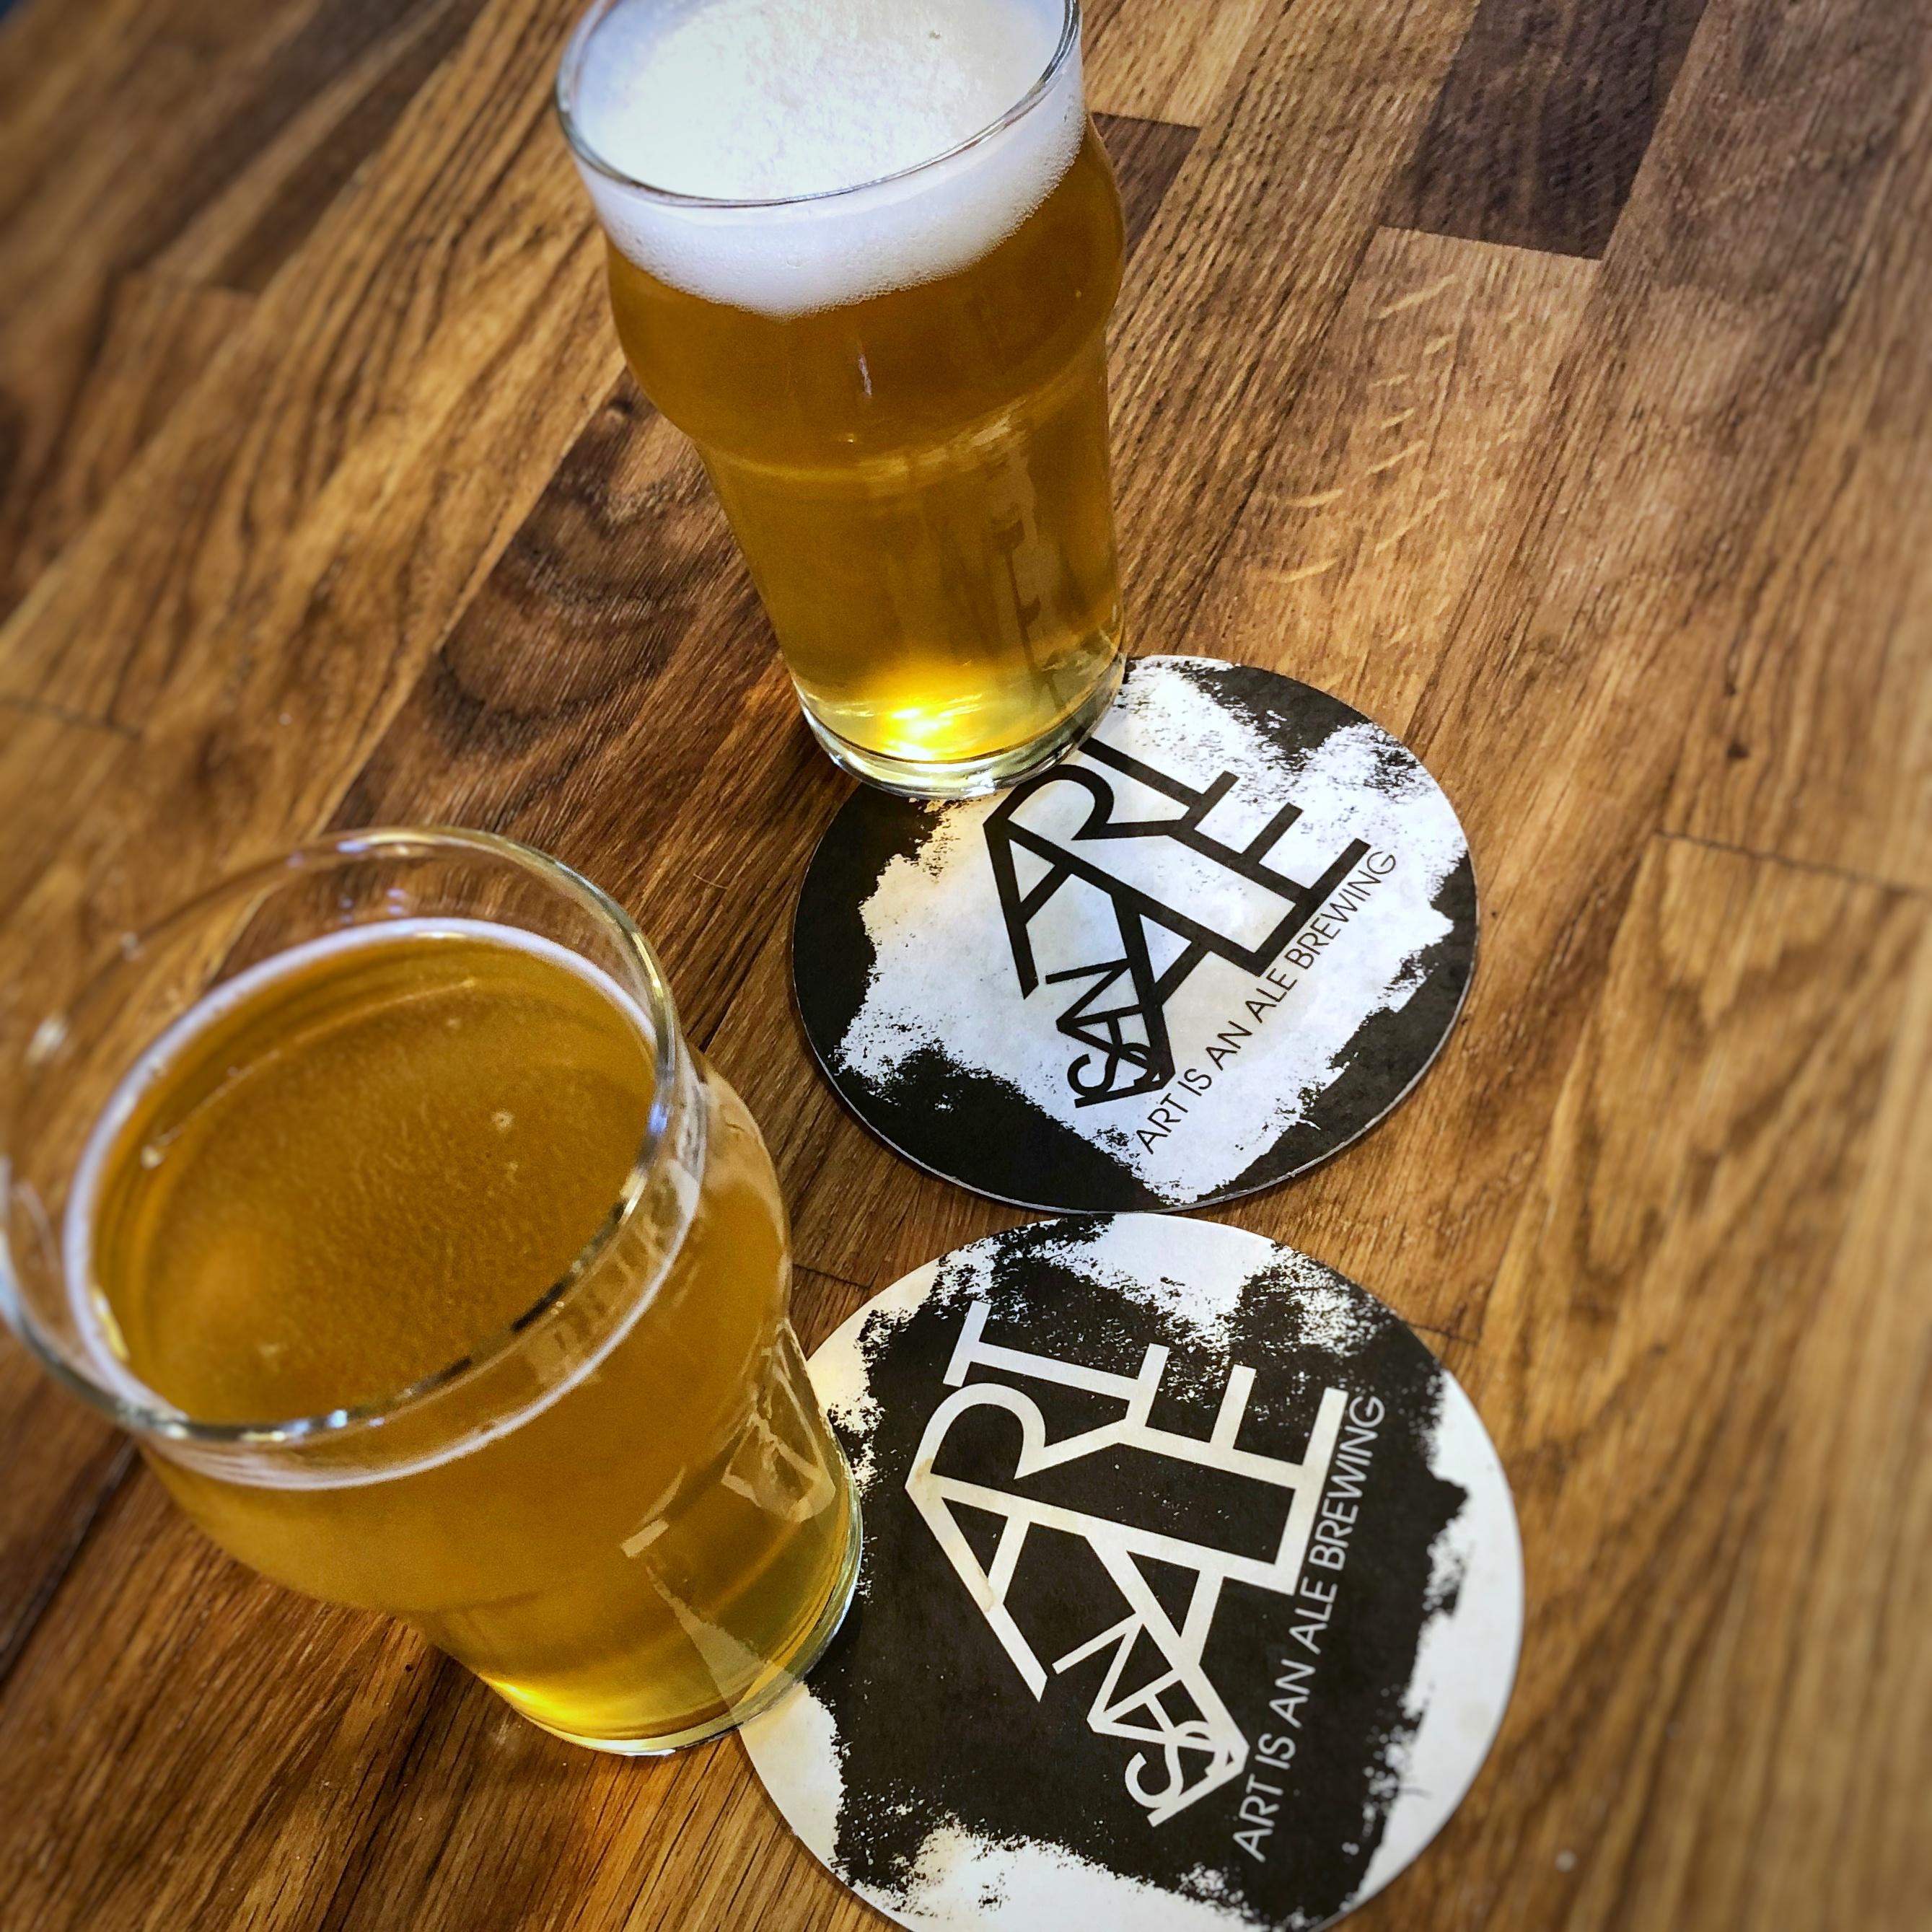 artisanale-brewing-brasserie-amboise (